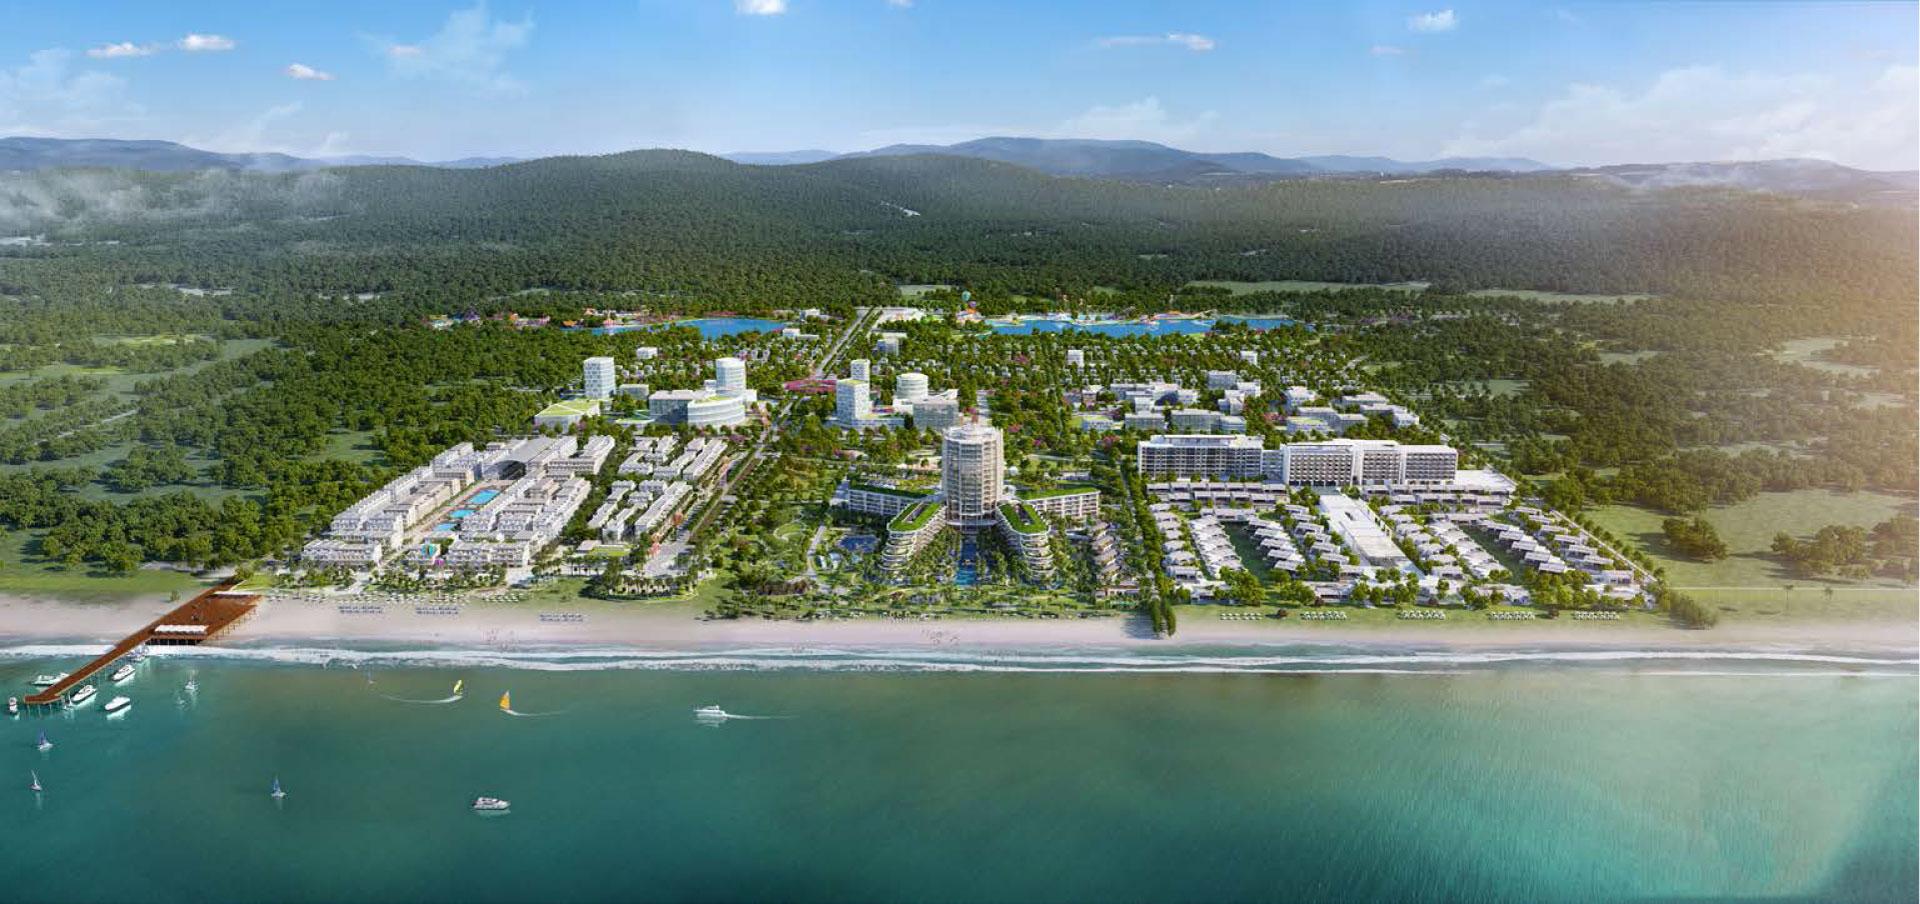 Phu-Quoc-Marina phú quốc marina PHÚ QUỐC MARINA – Tổ Hợp Giải Trí Nghỉ Dưỡng Số 1 Đảo Ngọc Phú Quốc vi tri phu quoc waterfront s 1